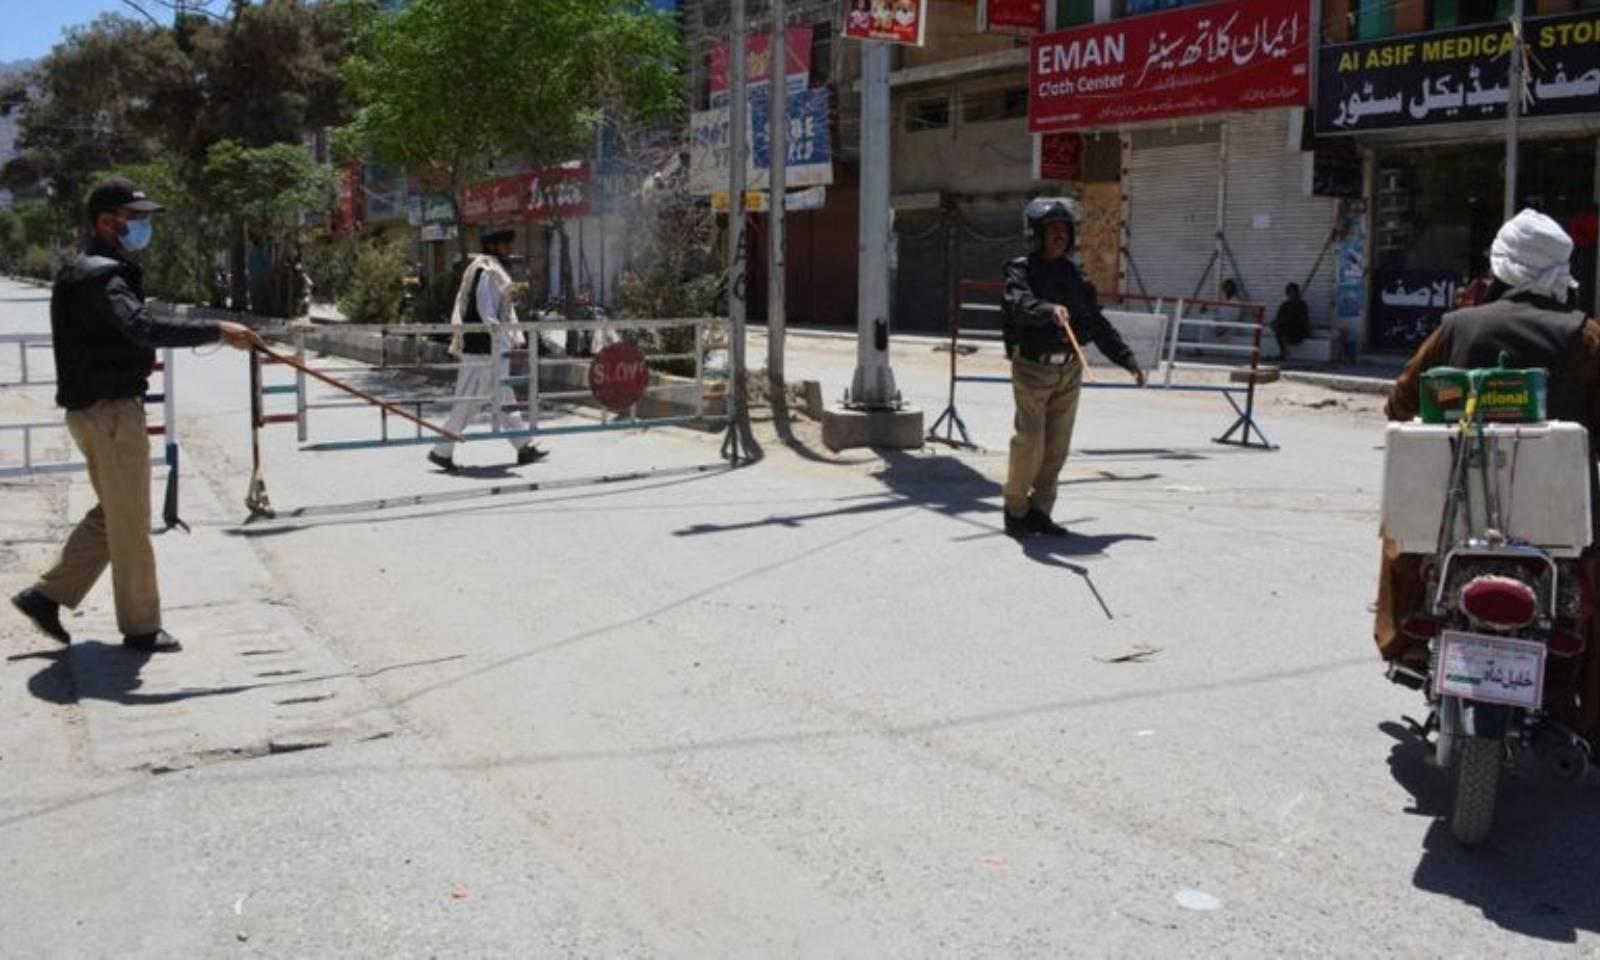 کوئٹہ میں پولیس کی جانب سے ایس او پیز پر بھی سختی سے عمل کروایا جارہا ہے—فوٹو: اے ایف پی